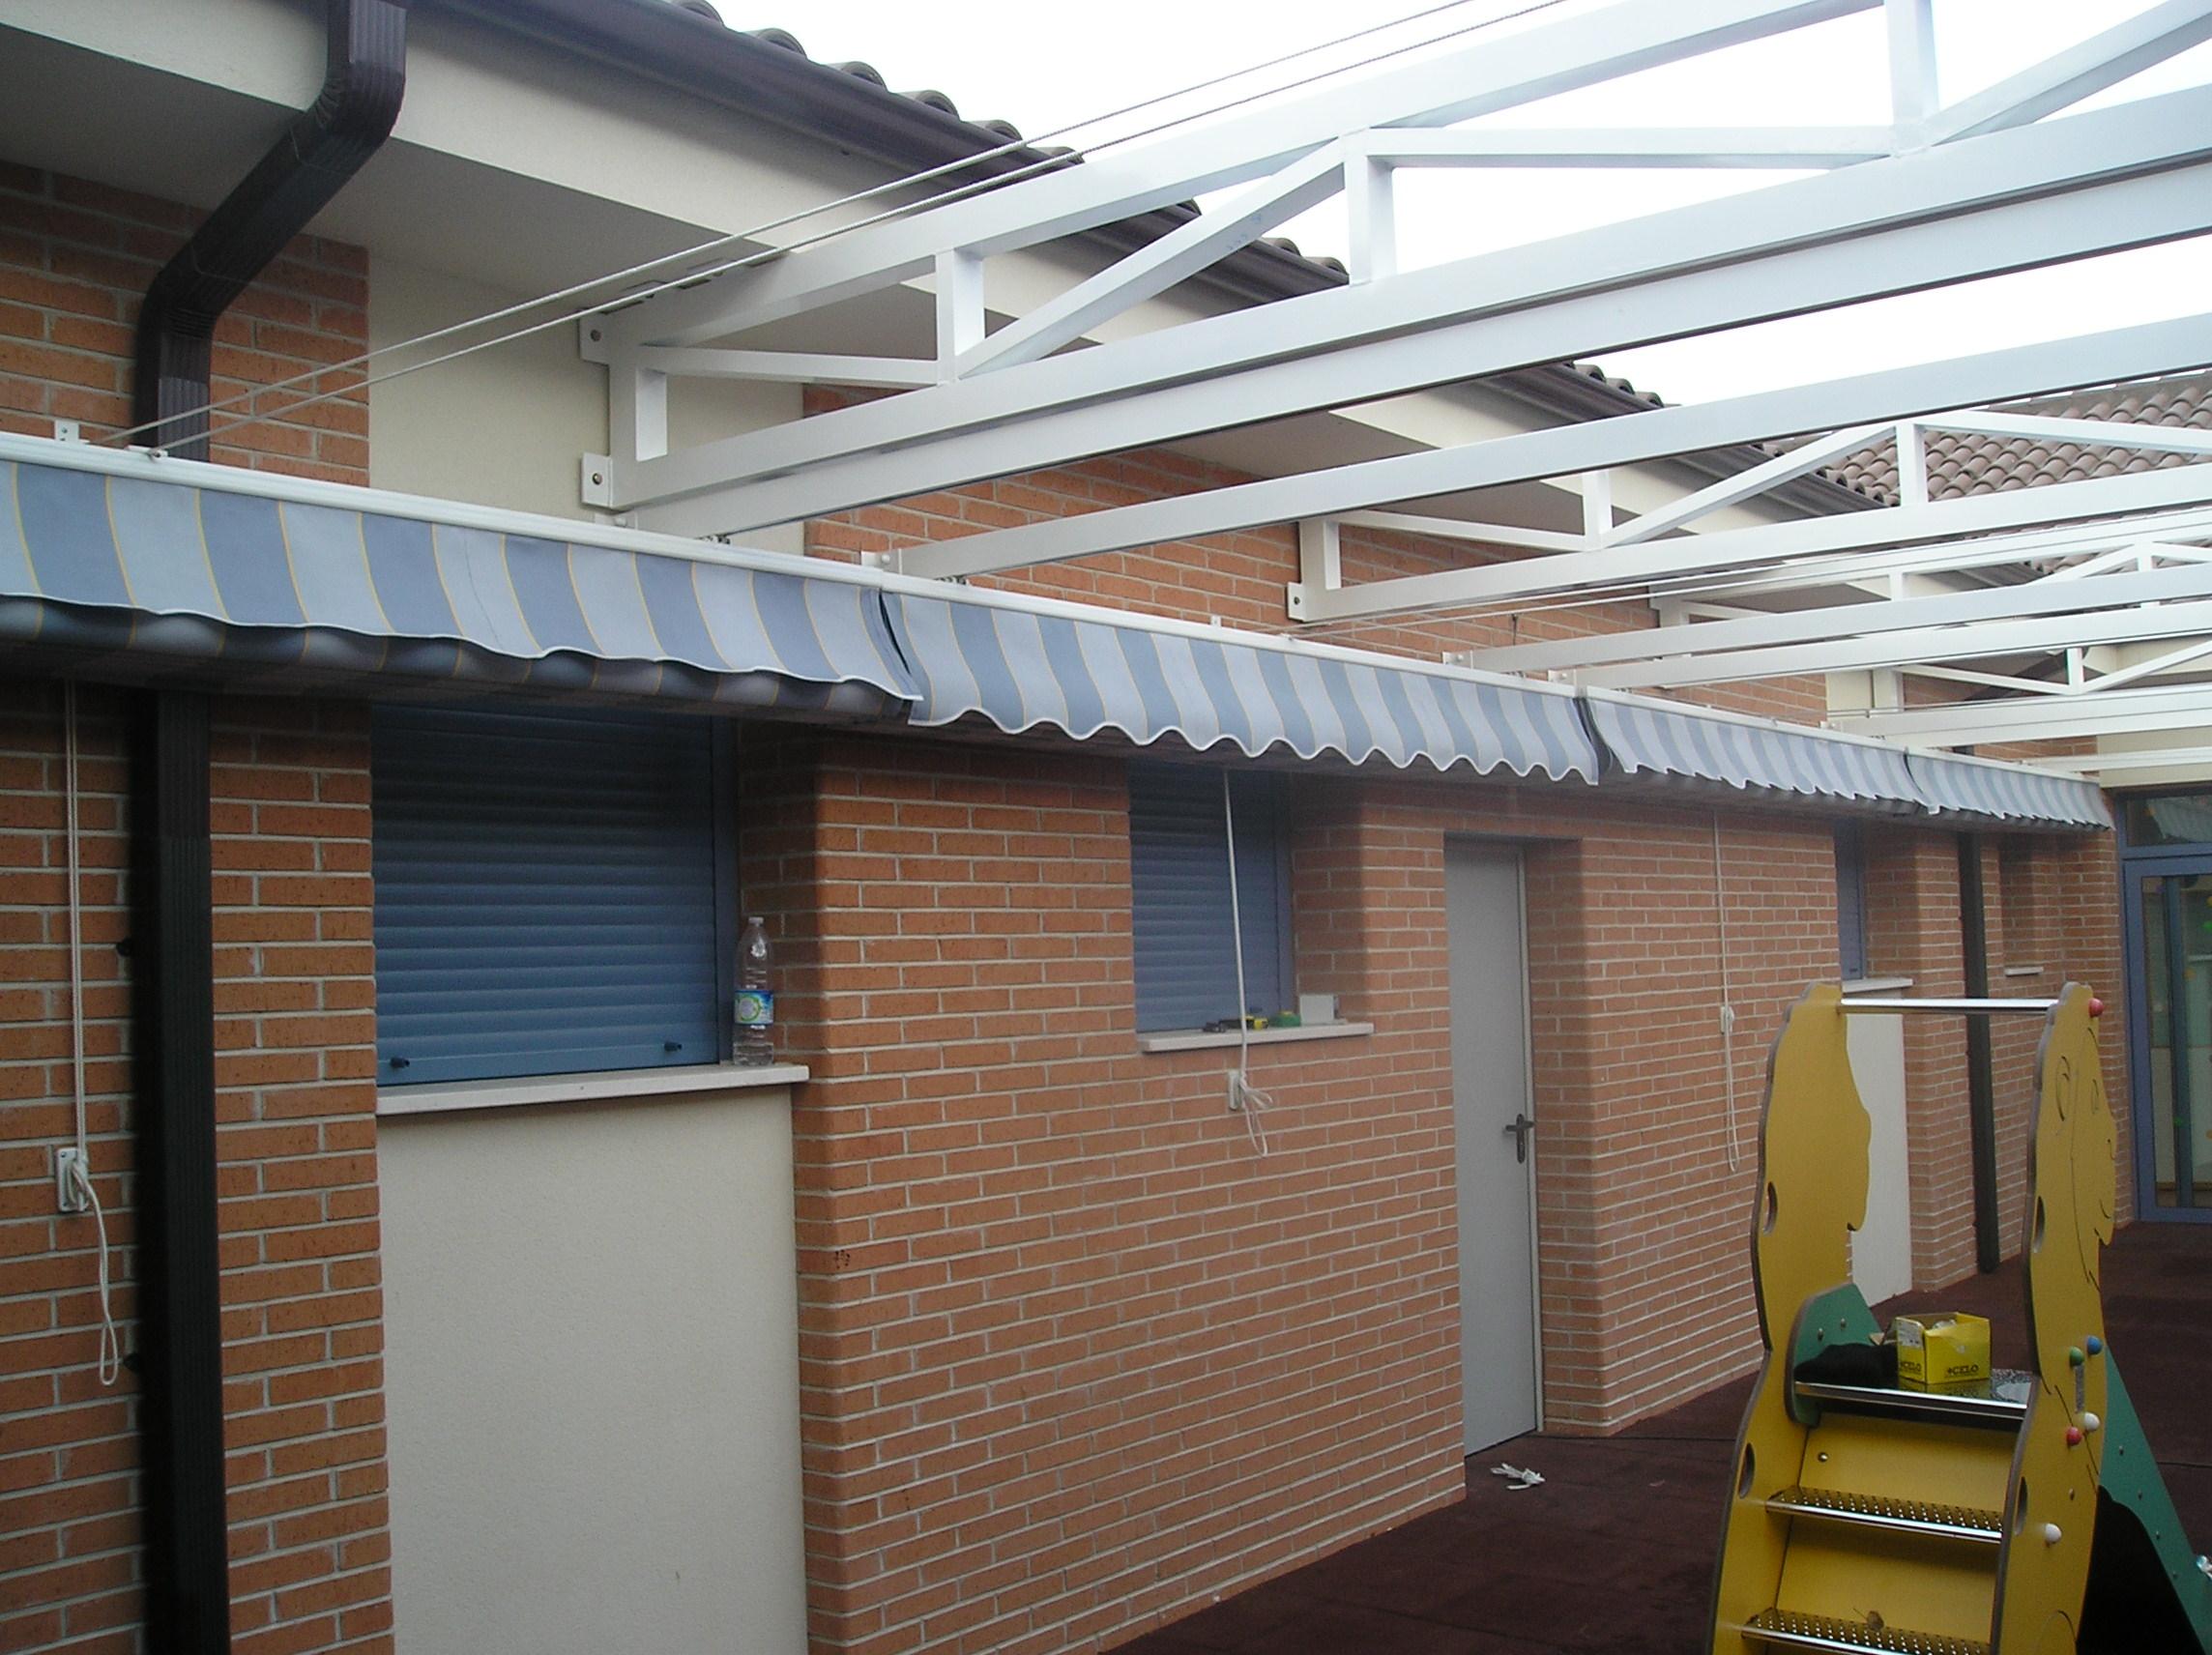 Toldos y proteccion solar cerrasan for Estructura de aluminio para toldo